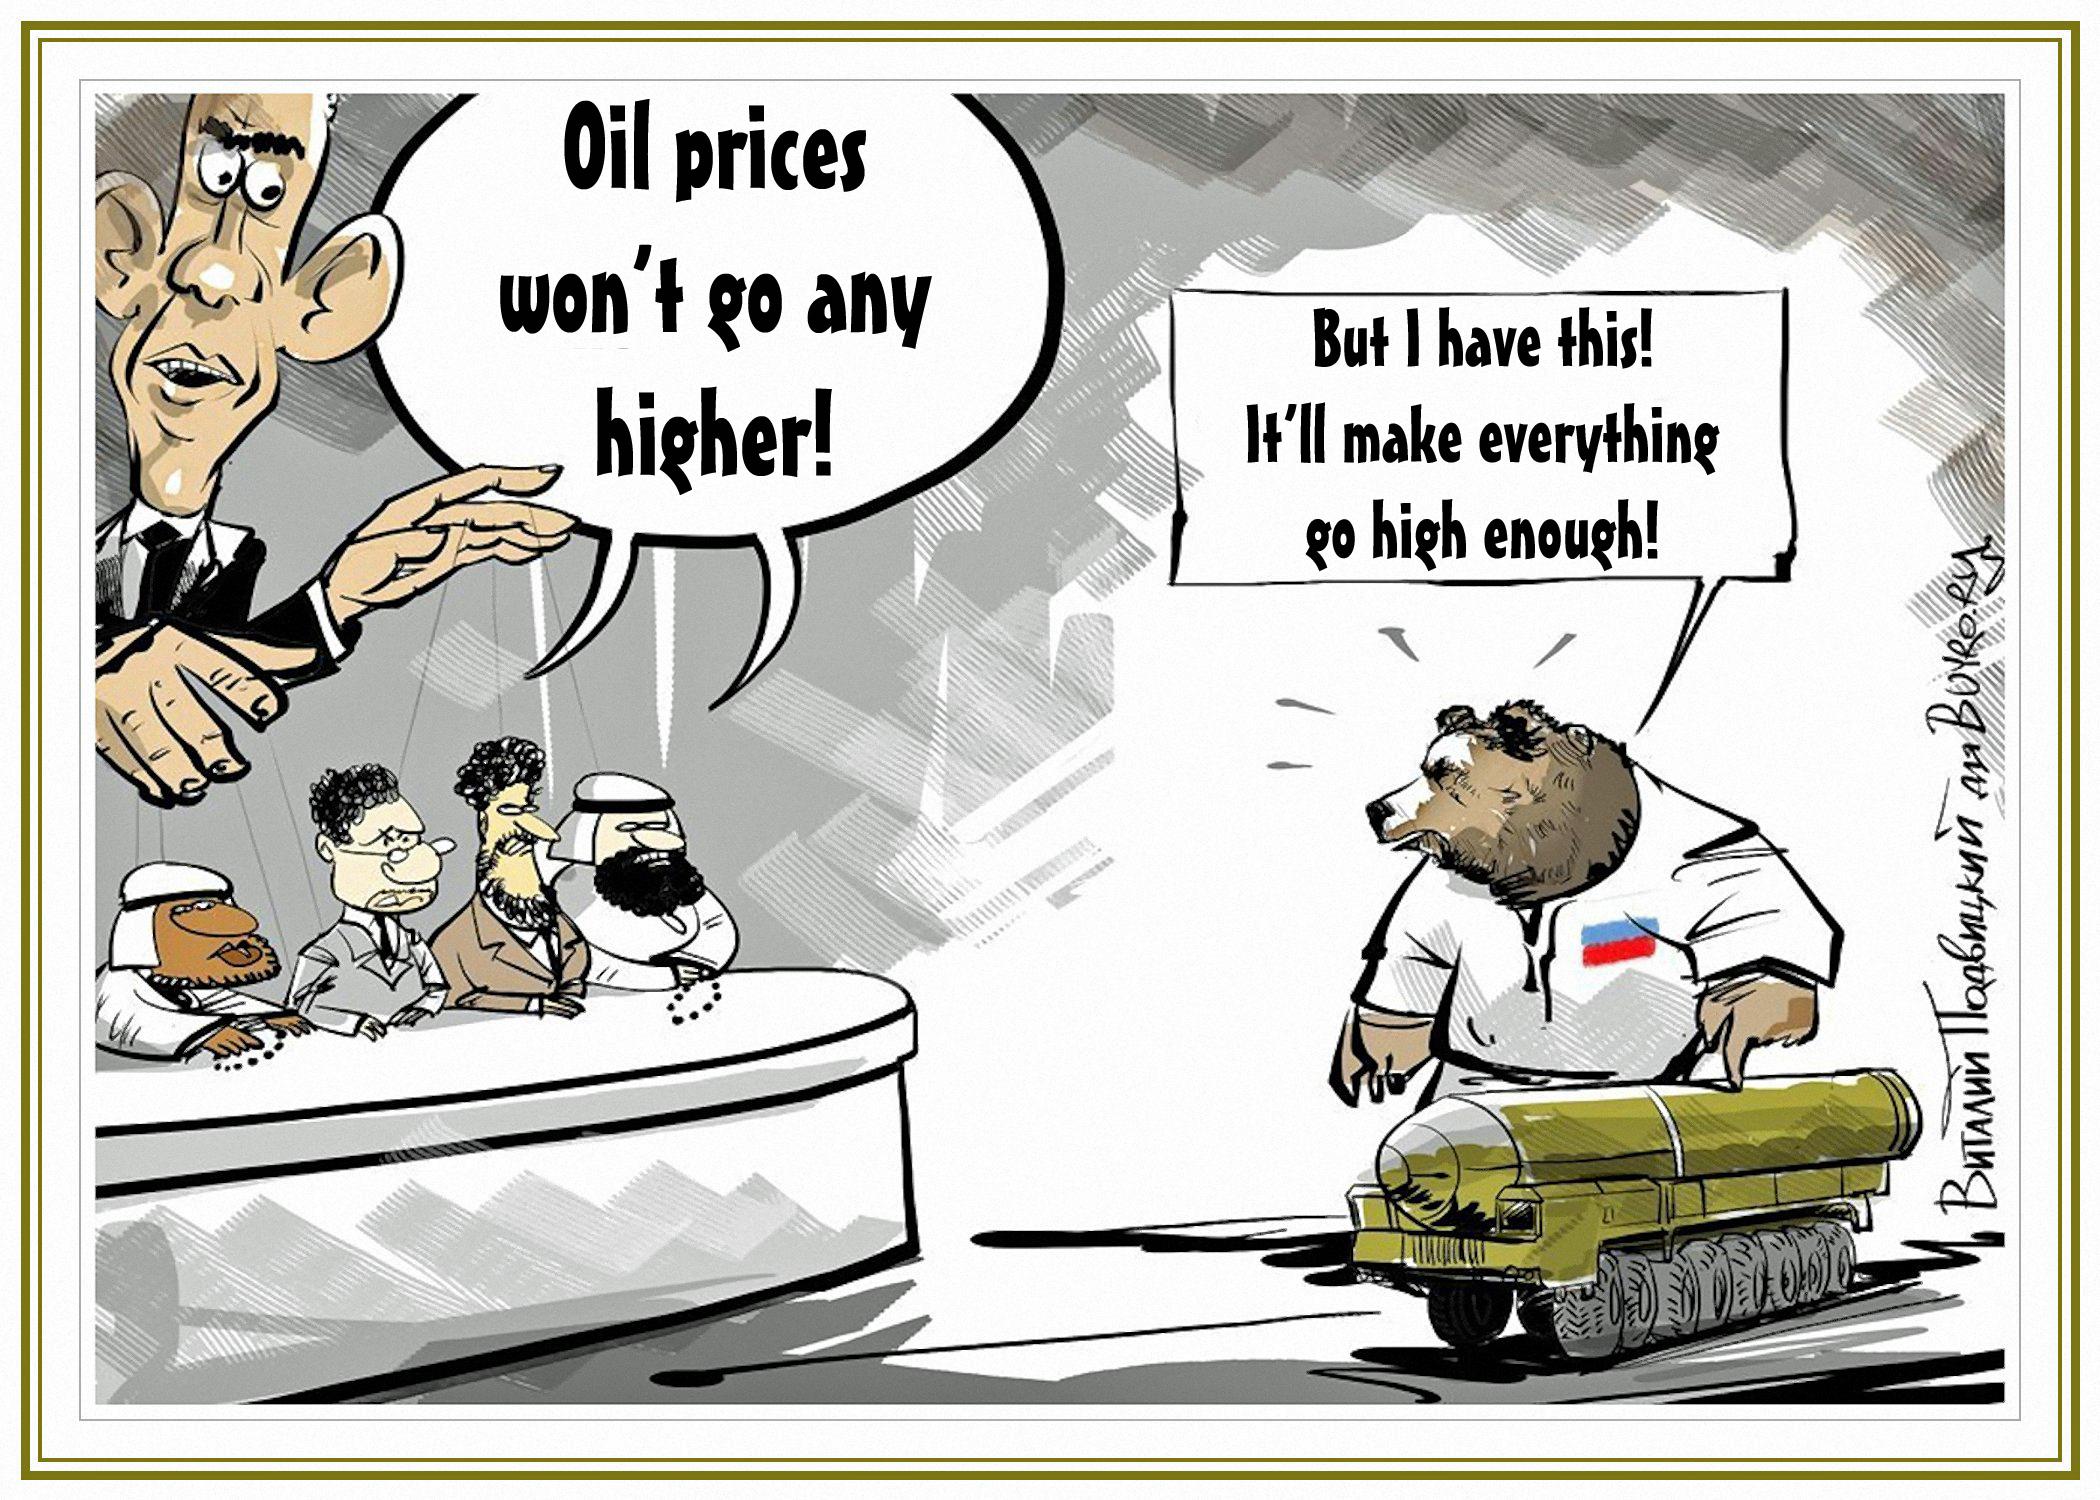 00 Vitaly Podvitsky. It'll Make Everything Go High Enough! 2014